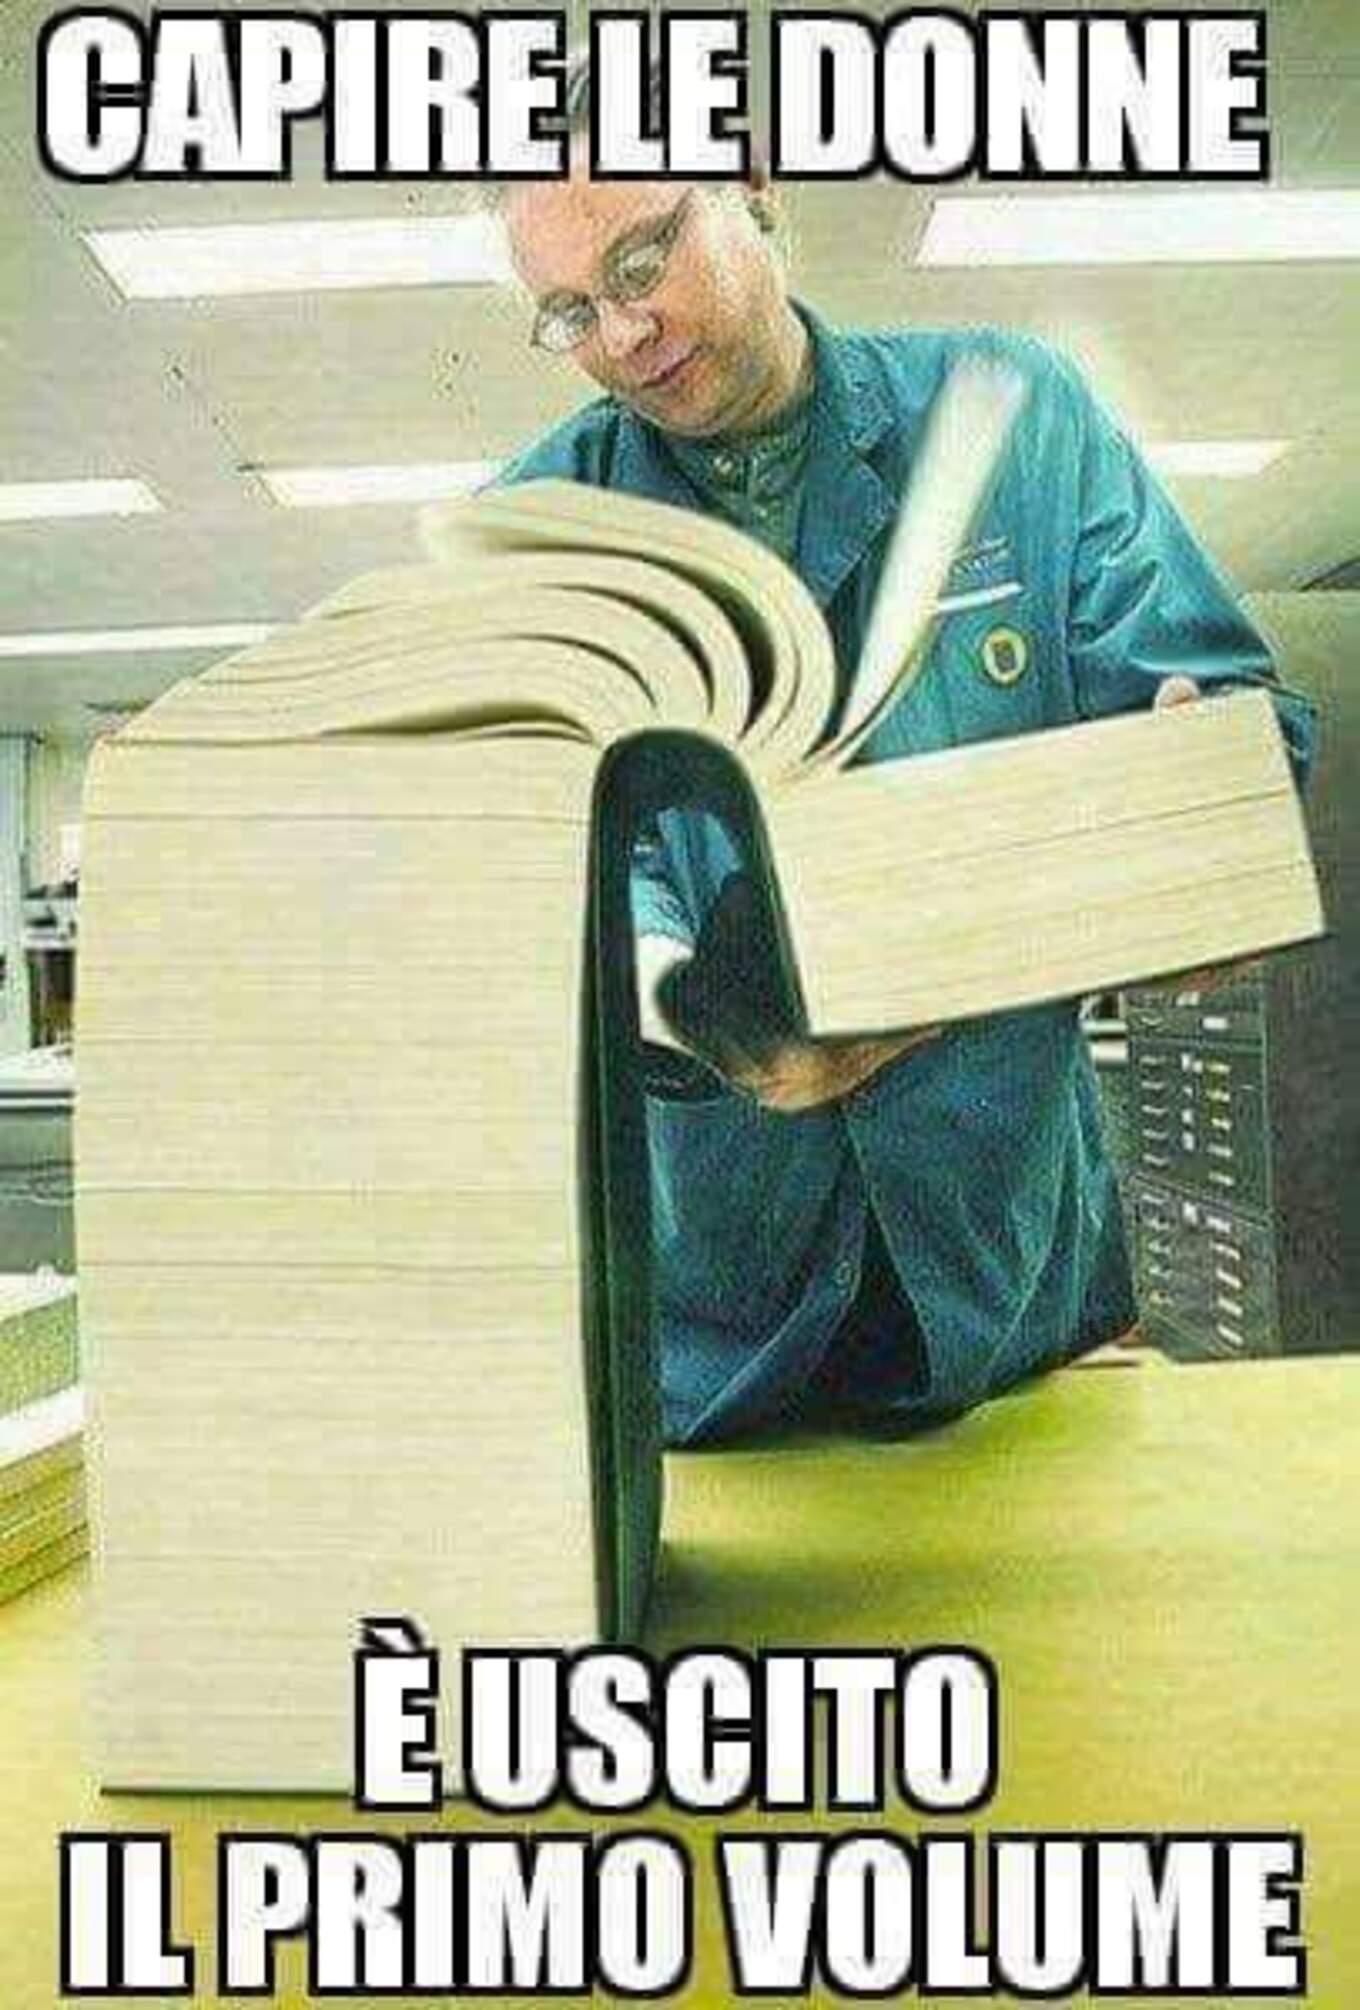 Capire le Donne: è uscito il primo volume